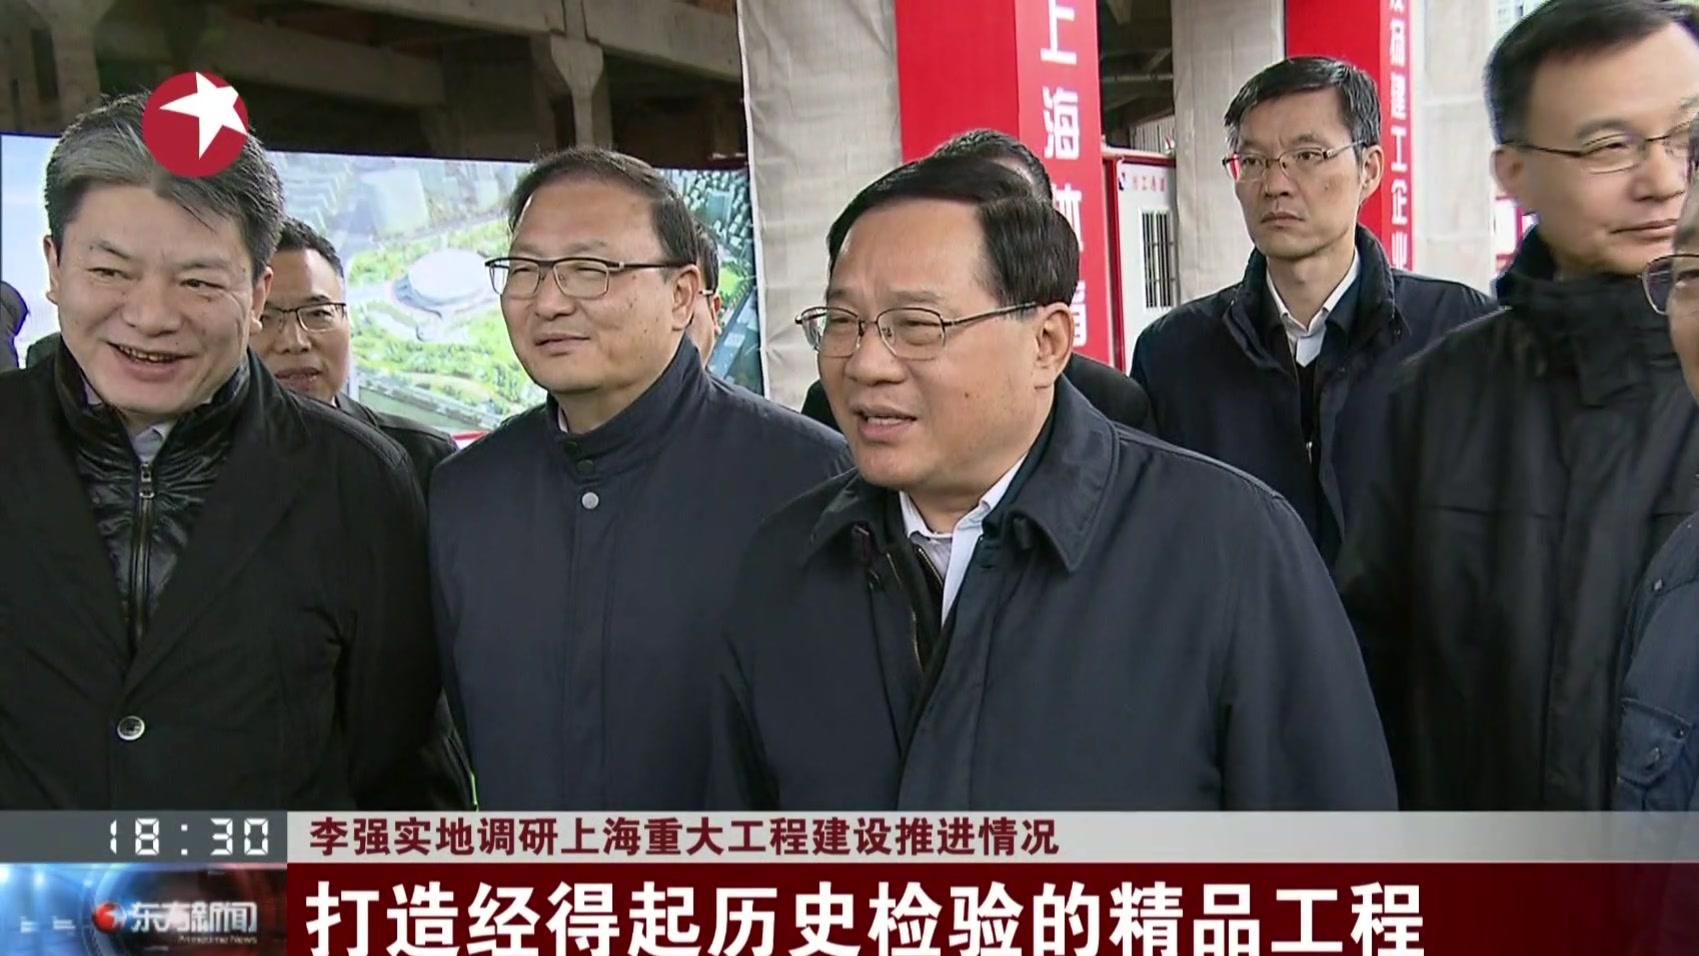 李强实地调研上海重大工程建设推进情况:打造经得起历史检验的精品工程